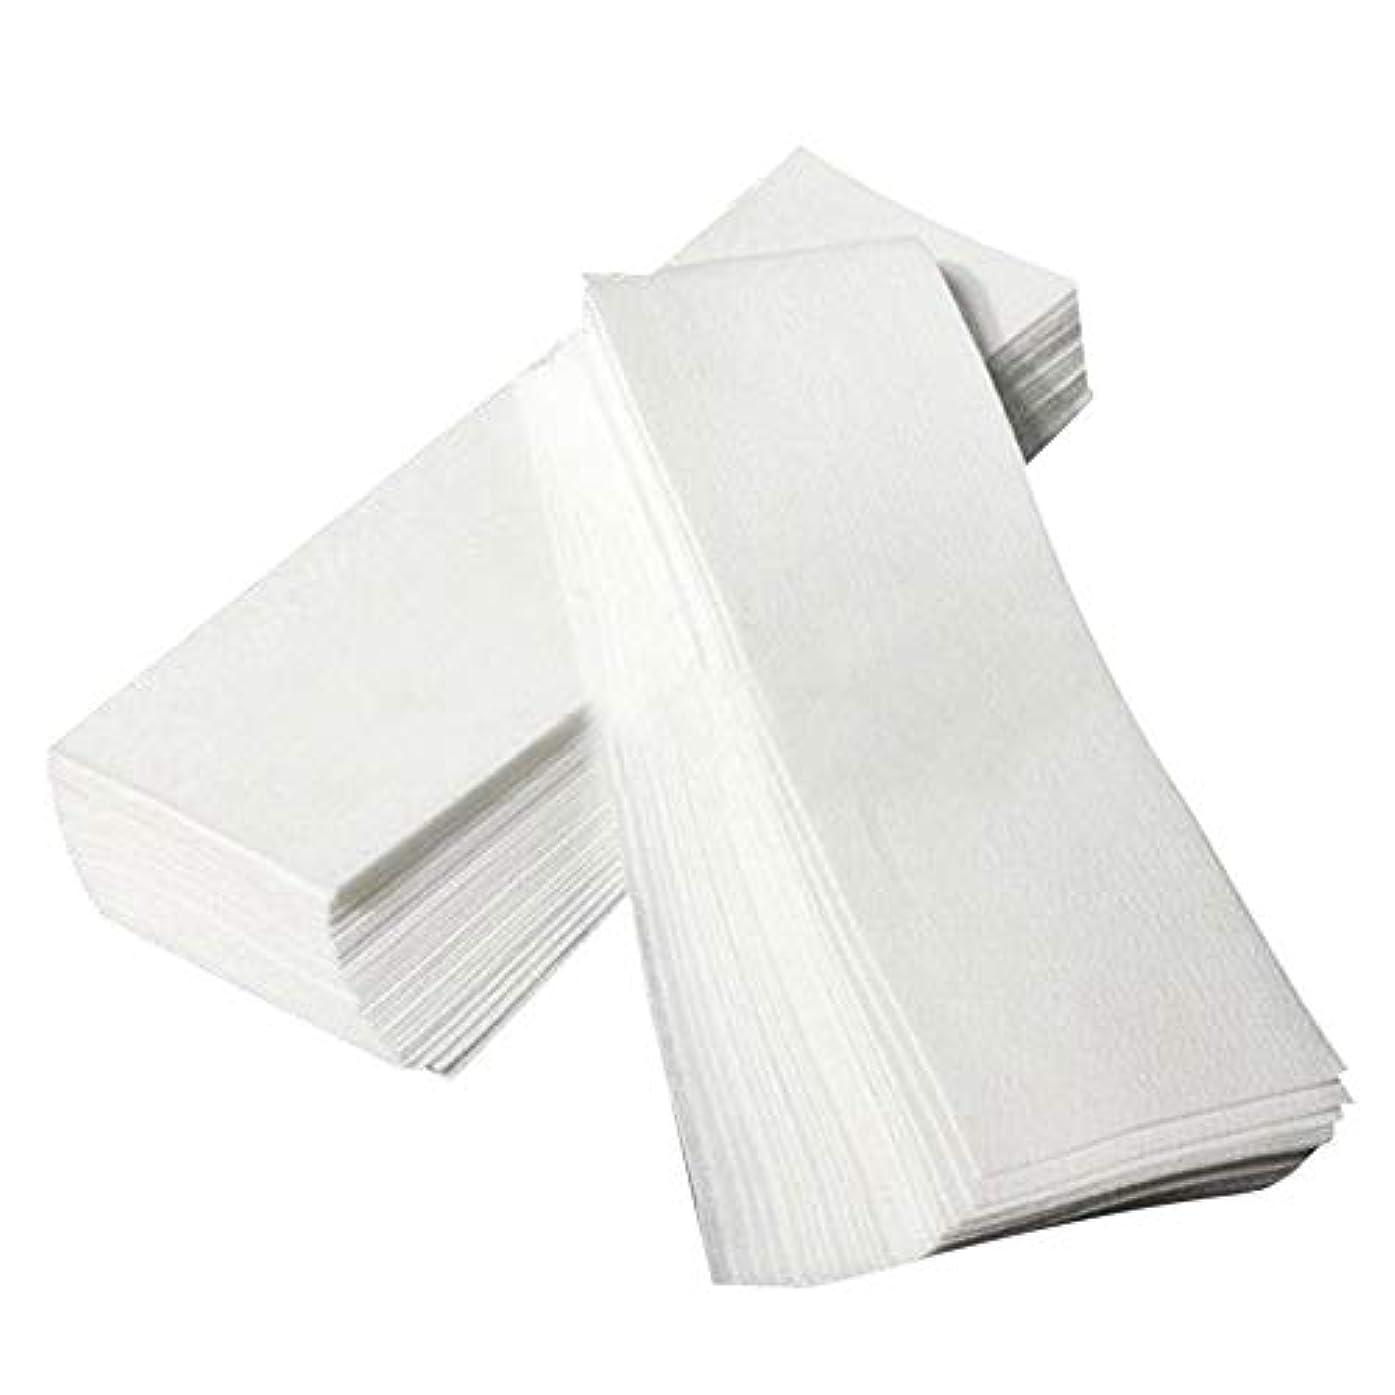 豪華な信頼性のある悲劇使い捨て 脱毛紙 100シート/パック 不織布 美容ツール 脱毛器 女性たち スムーズな脚のワックスがけ